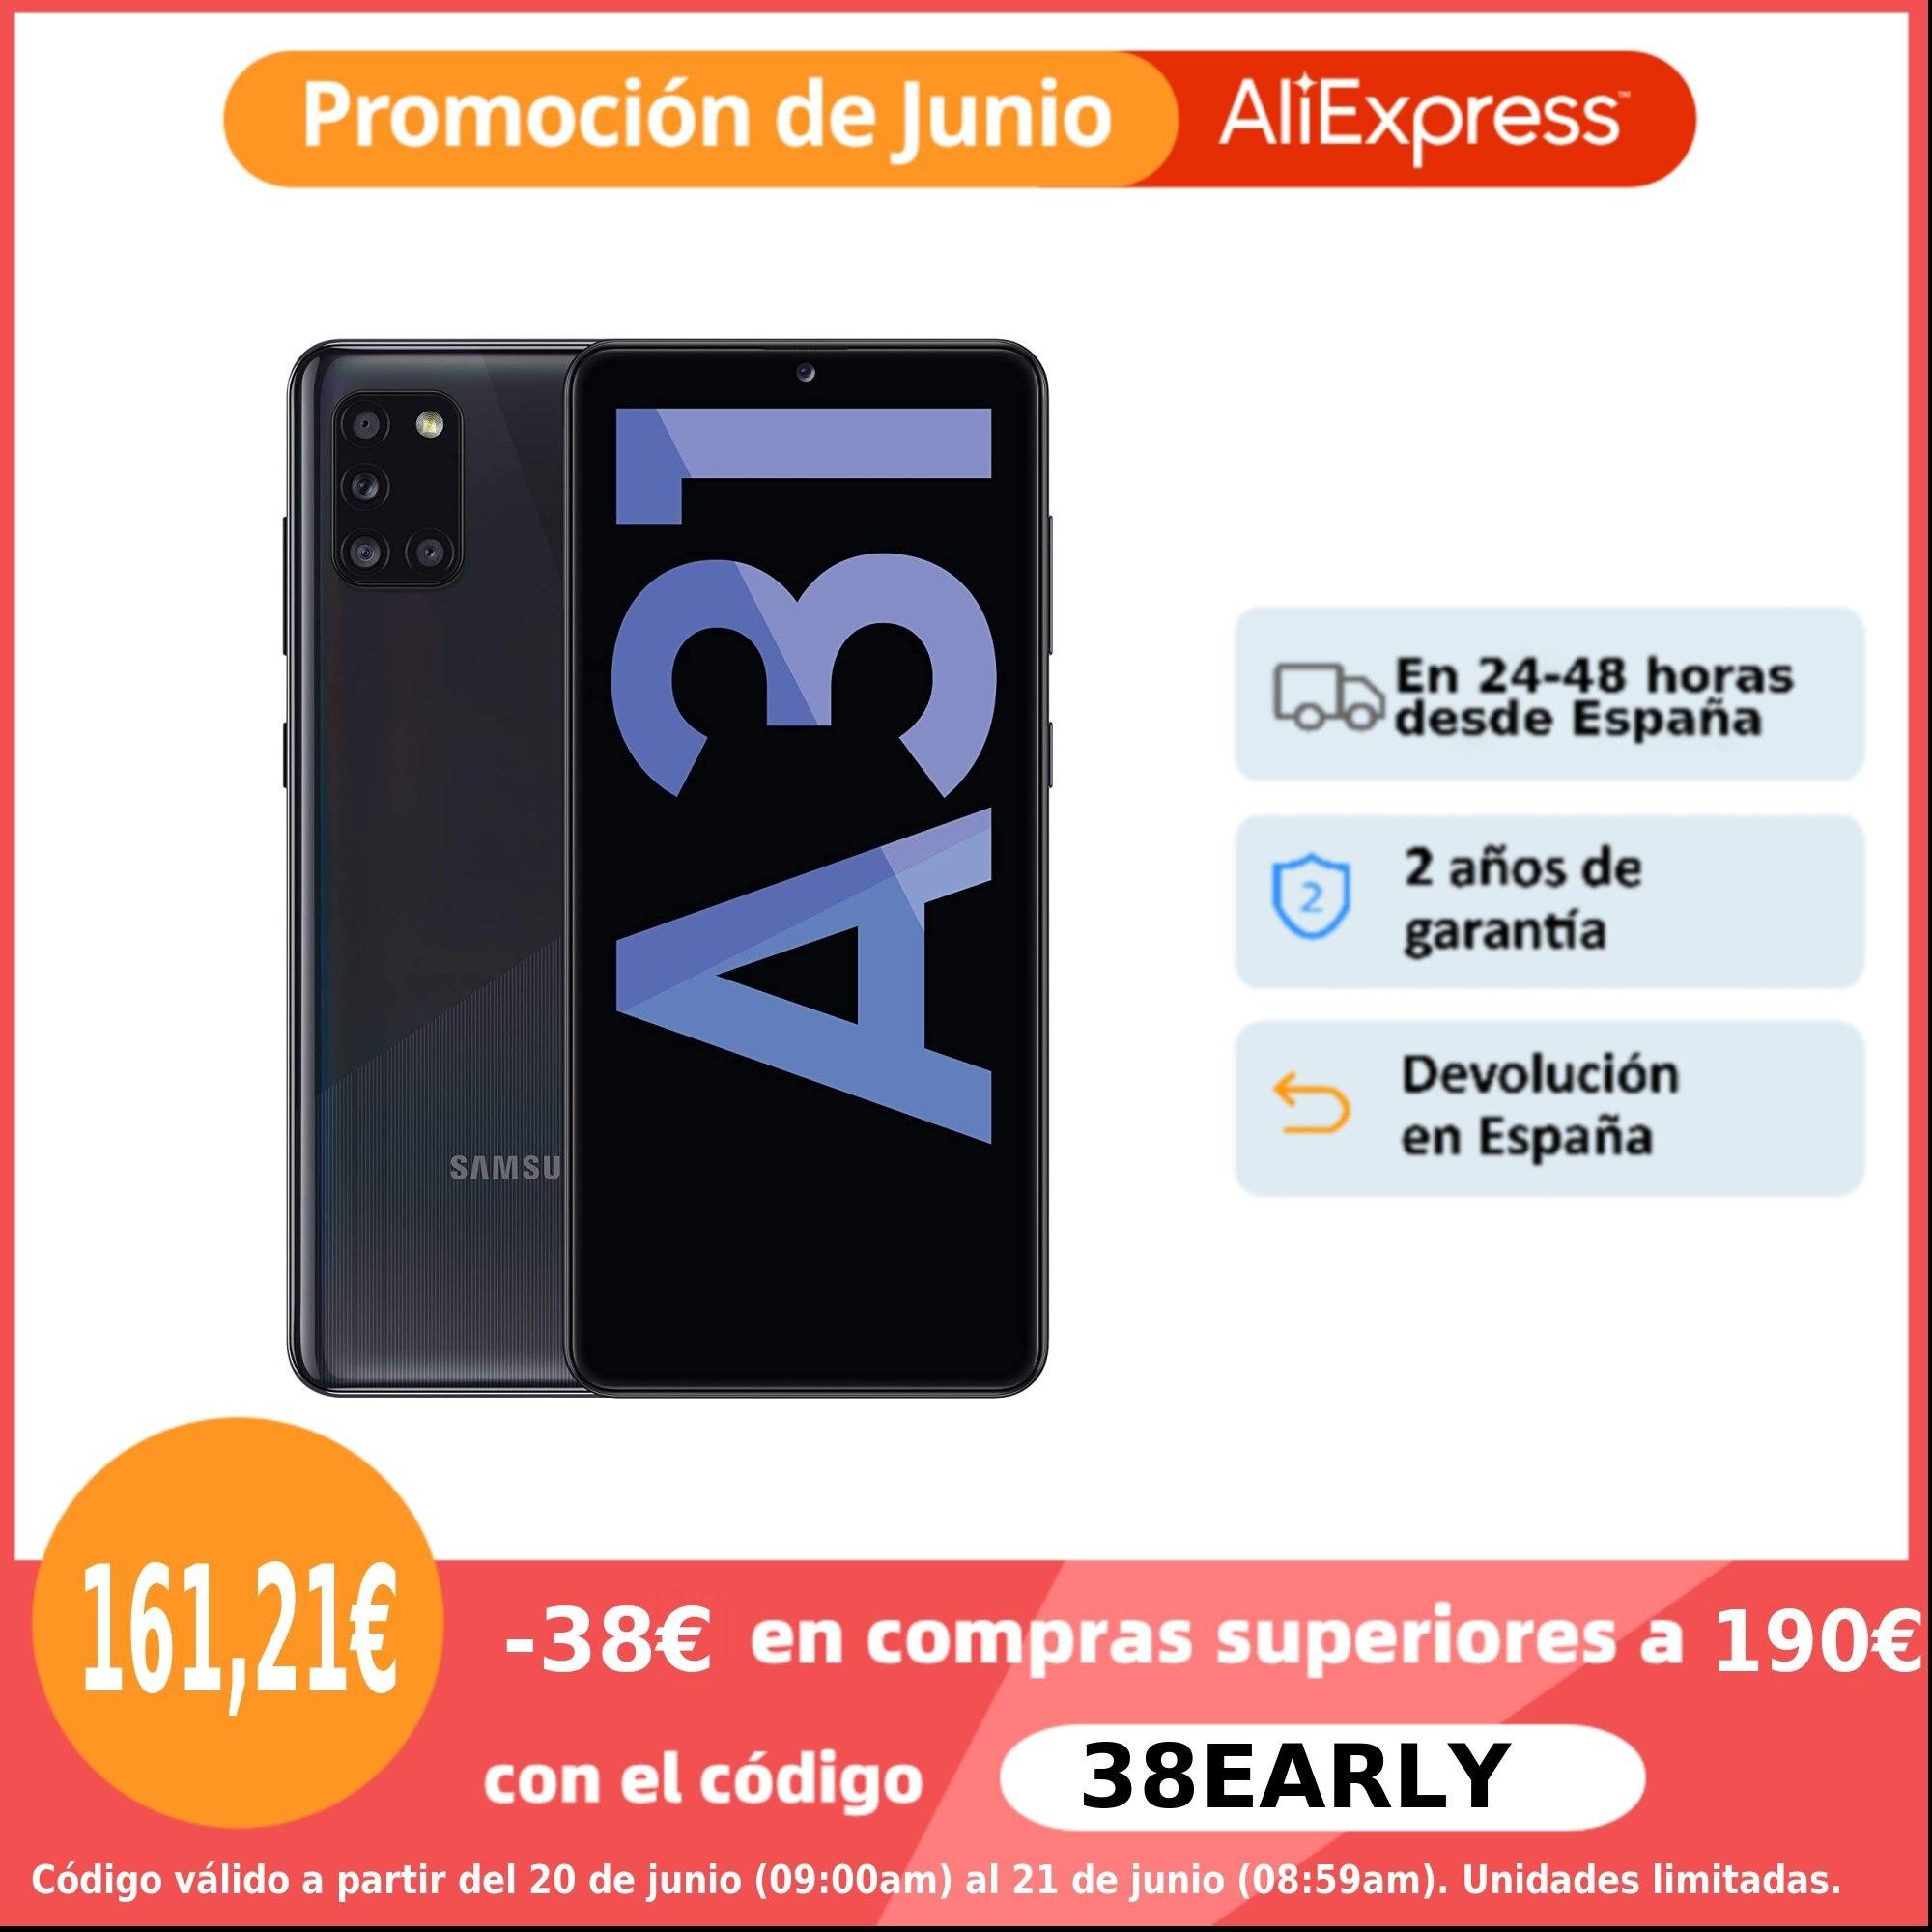 www.aliexpress.com